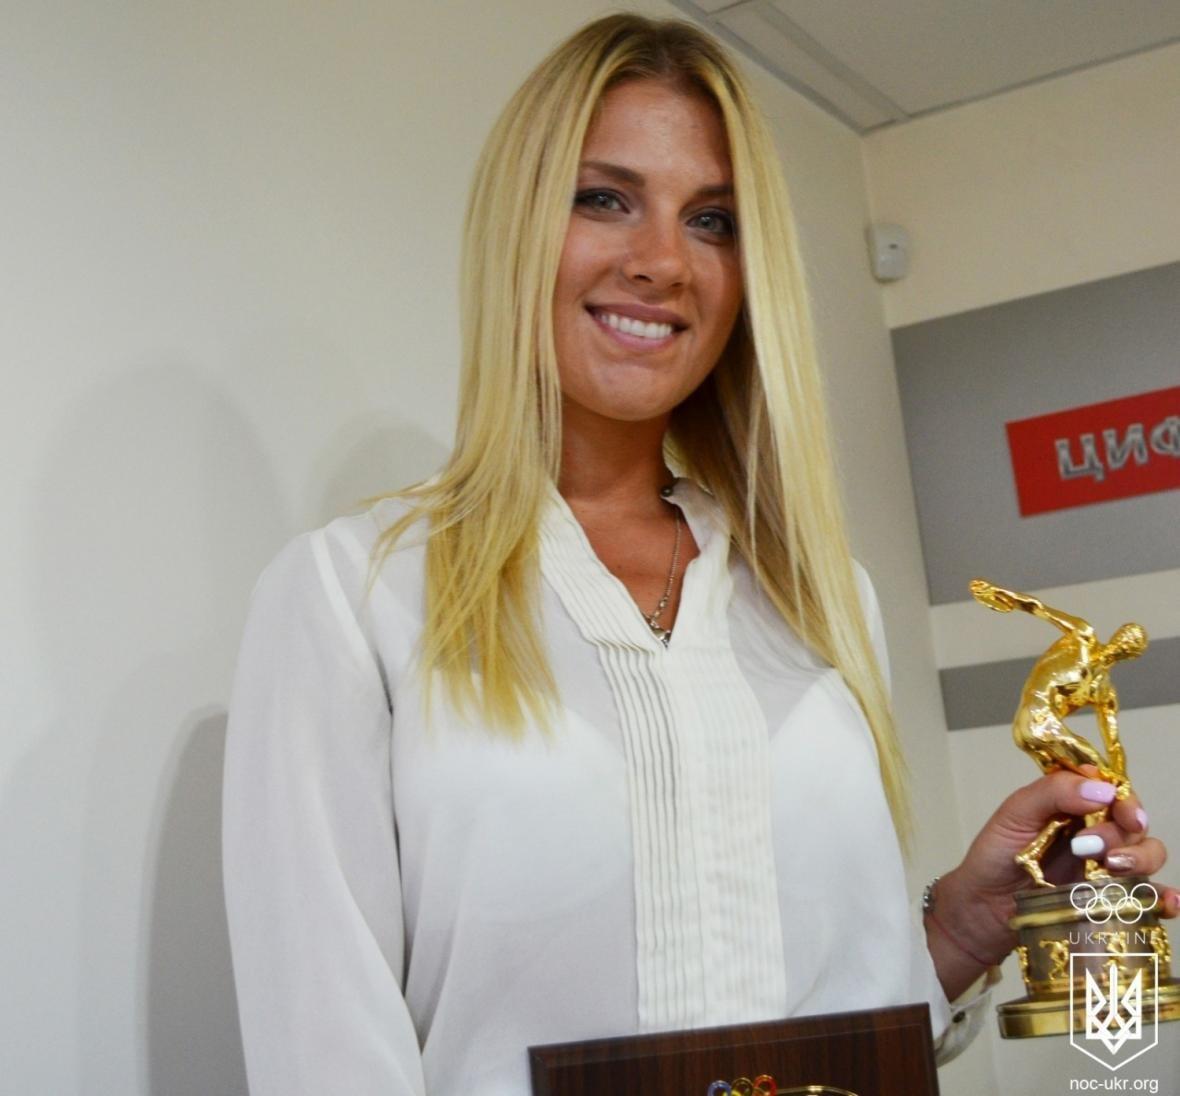 Николаевская спортсменка Ольга Харлан получила от НОК эксклюзивную статуэтку (ФОТО), фото-4